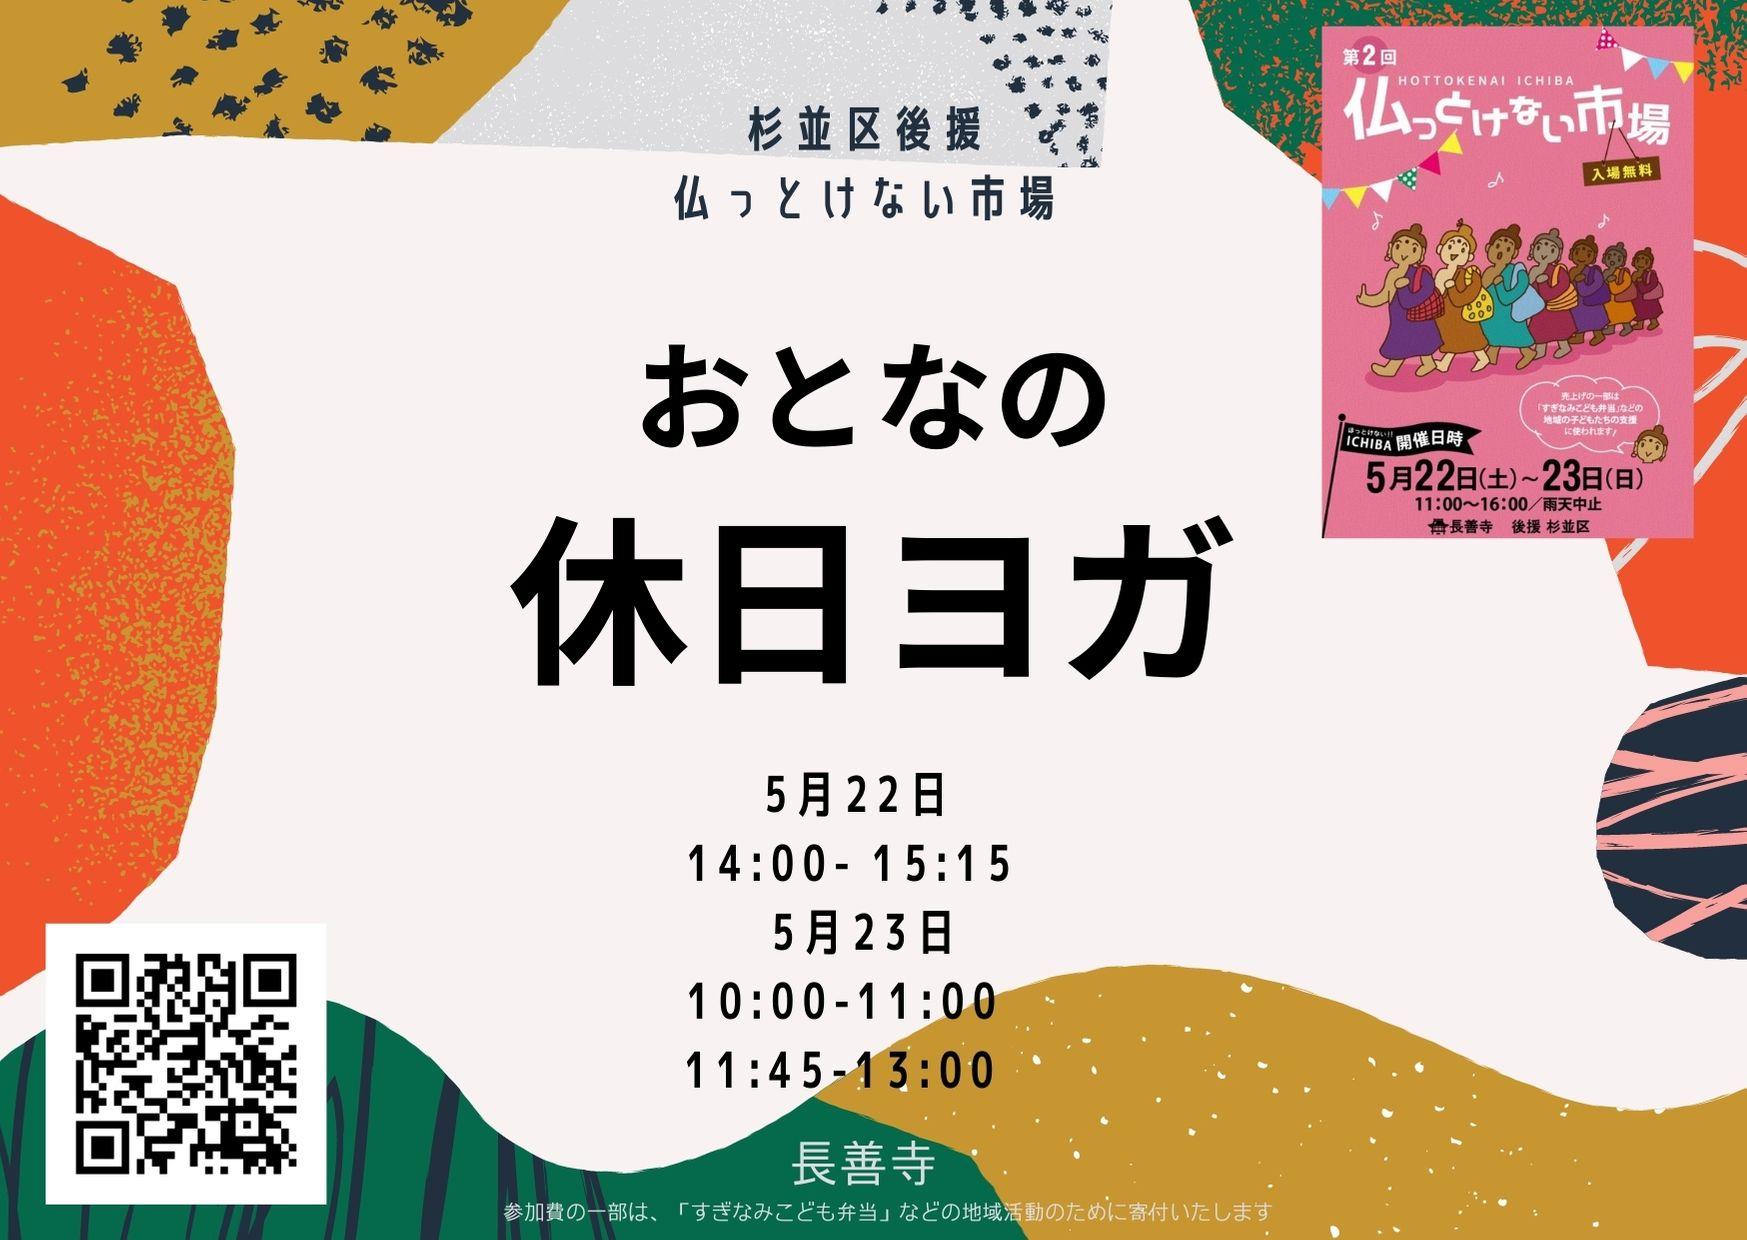 5月22日~23日 「仏っけない市場」で長善寺でヨガを行います